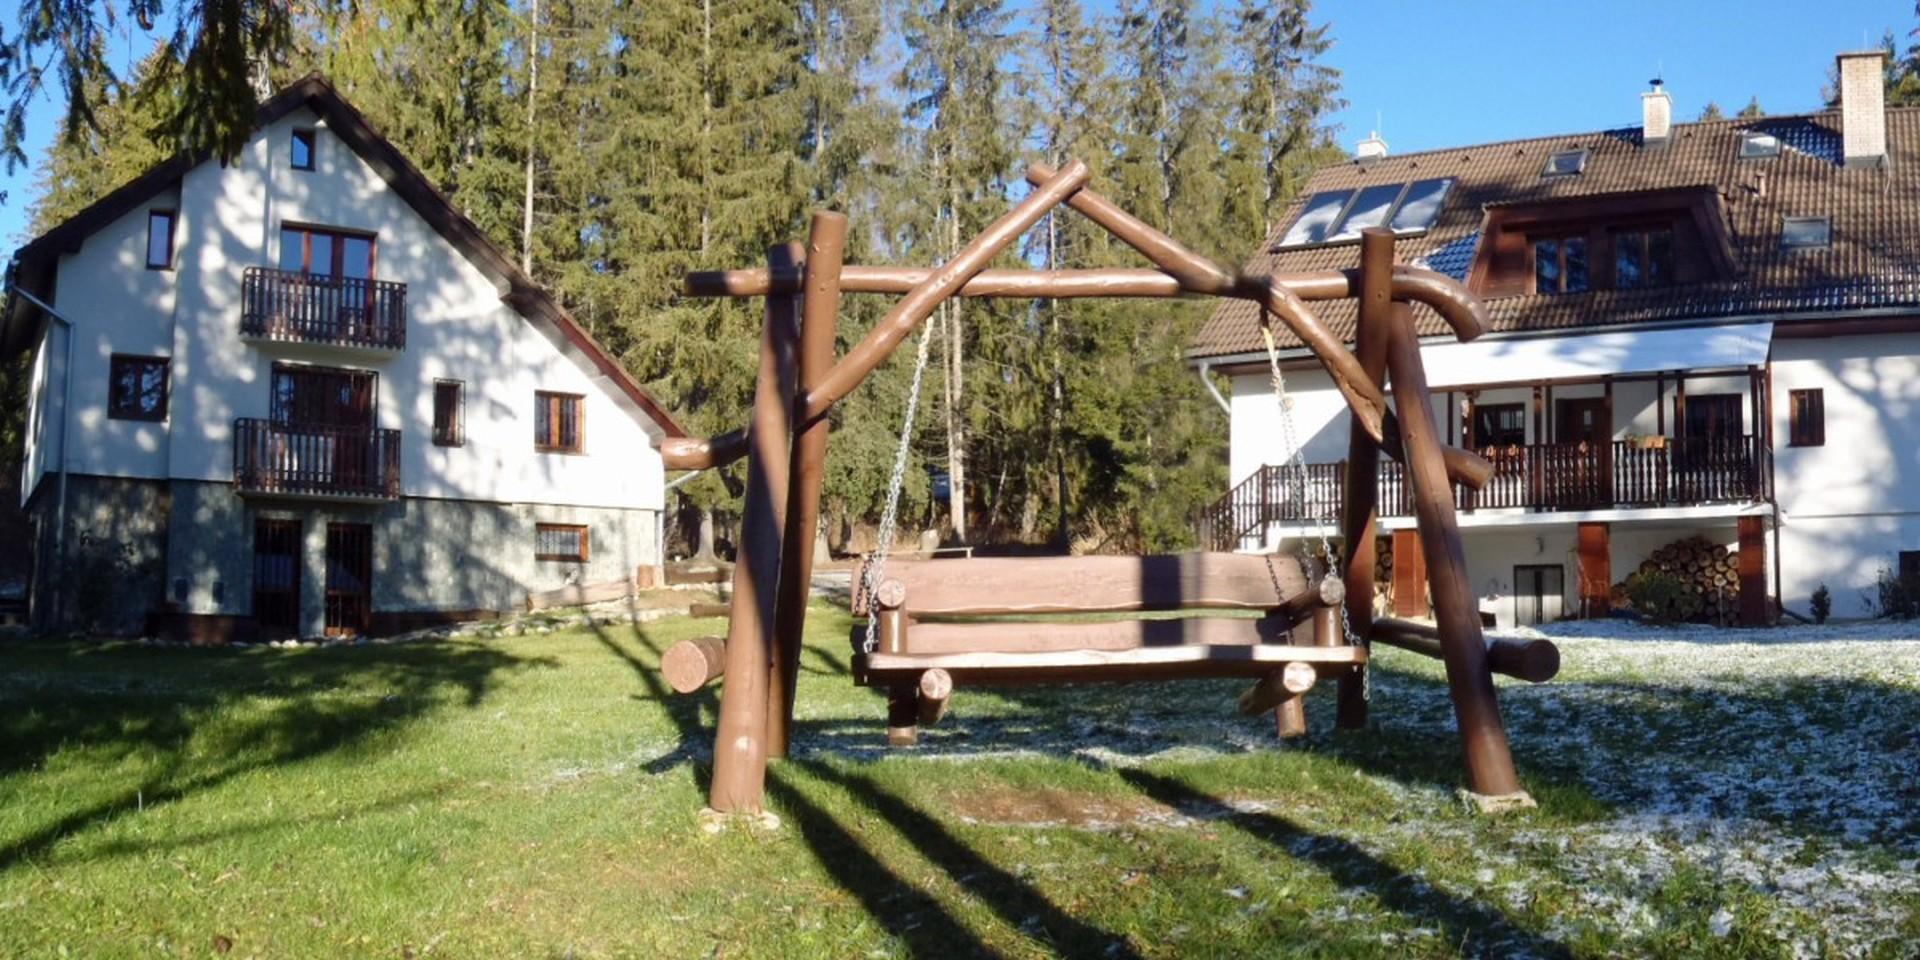 Ubytovanie v tatranskom lese, neďaleko zubačky